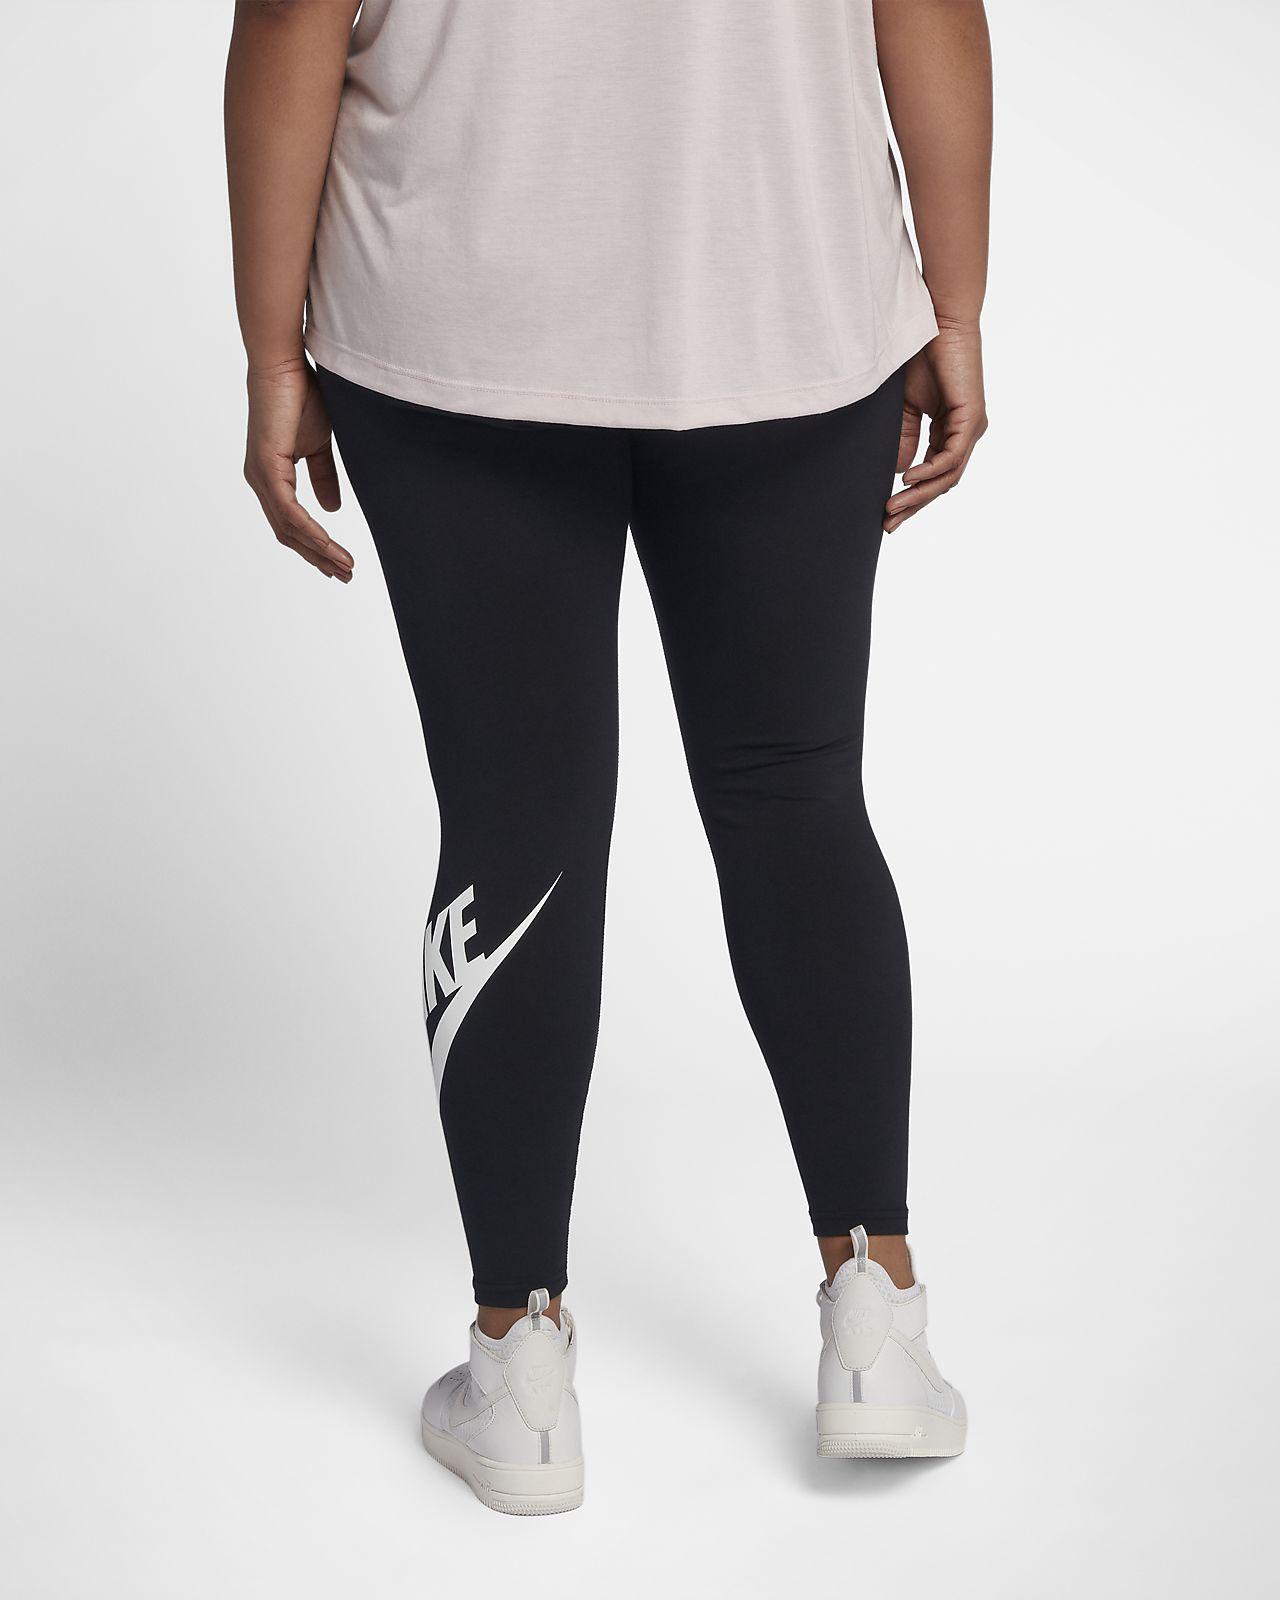 ... Nike Sportswear Leg-A-See (Plus Size) Women's Leggings